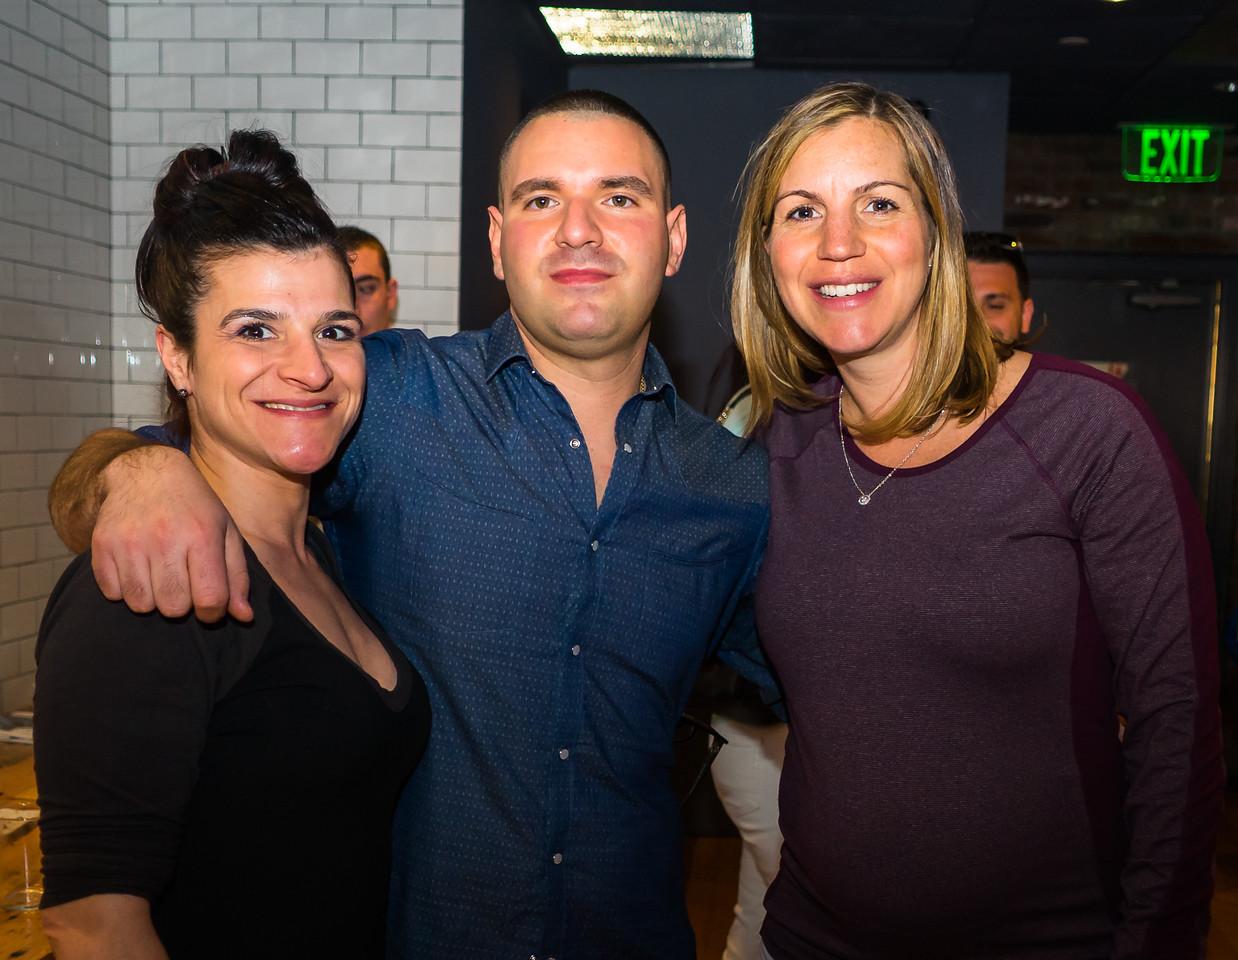 Lisa, Matthew and Alissa